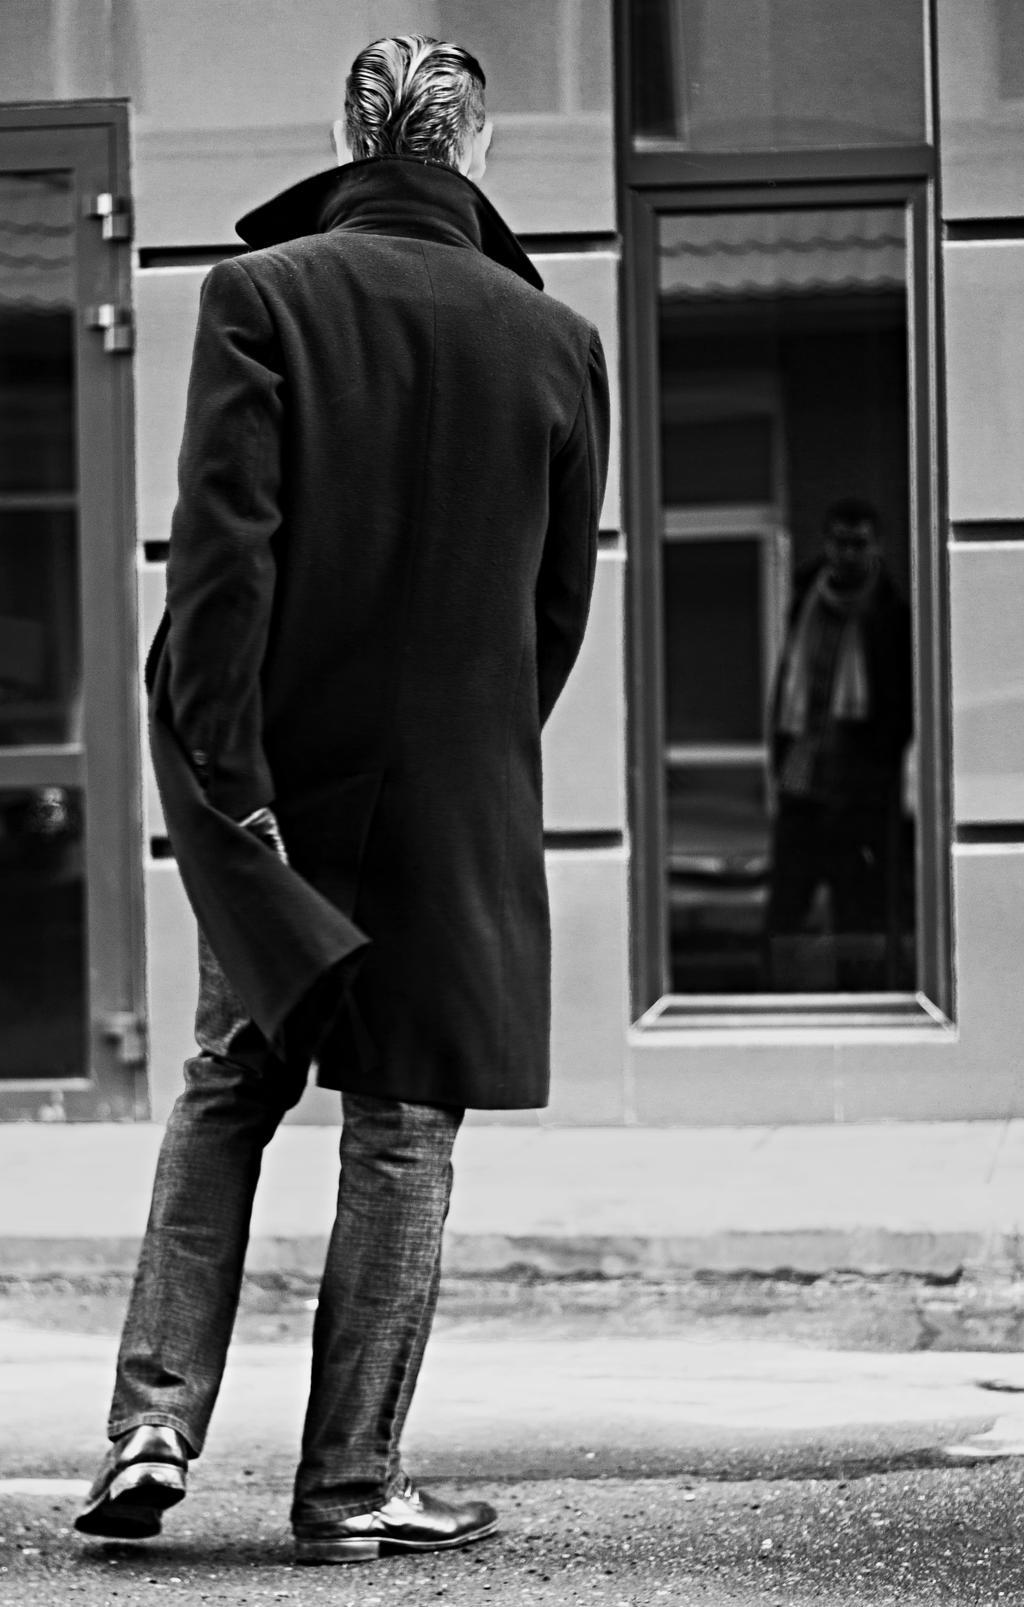 Black and White by oleggirl